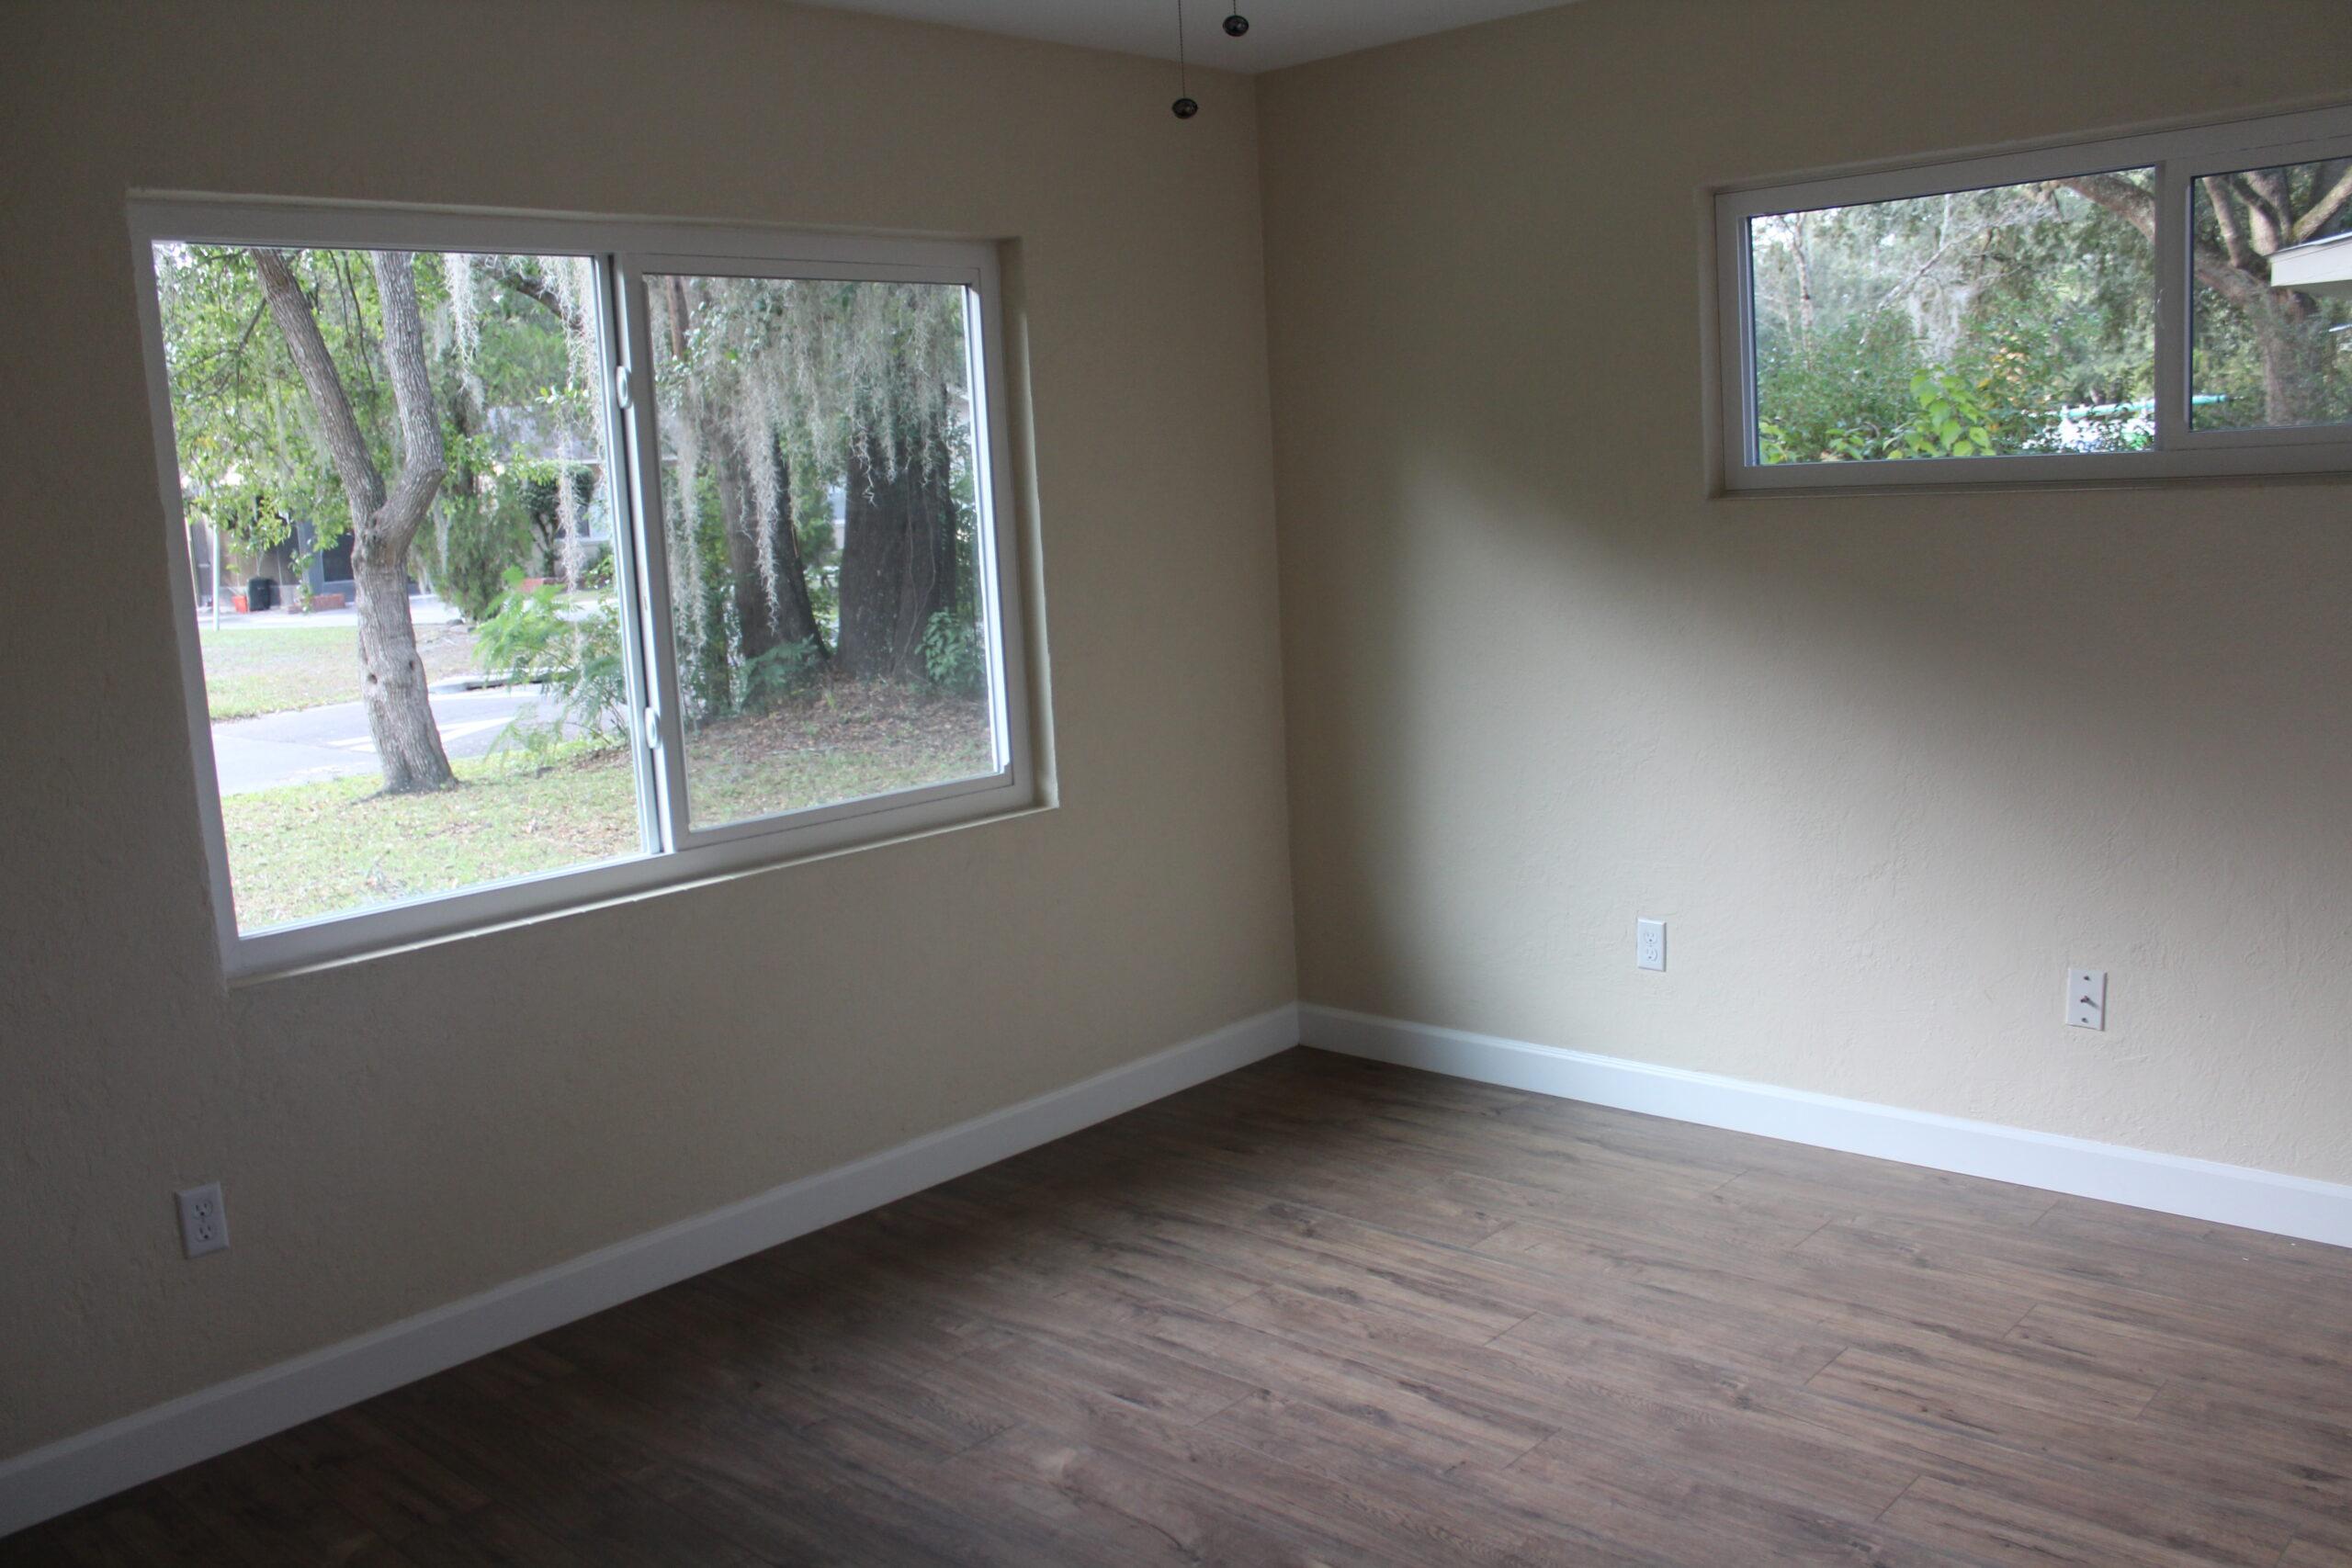 6 - Bedroom I